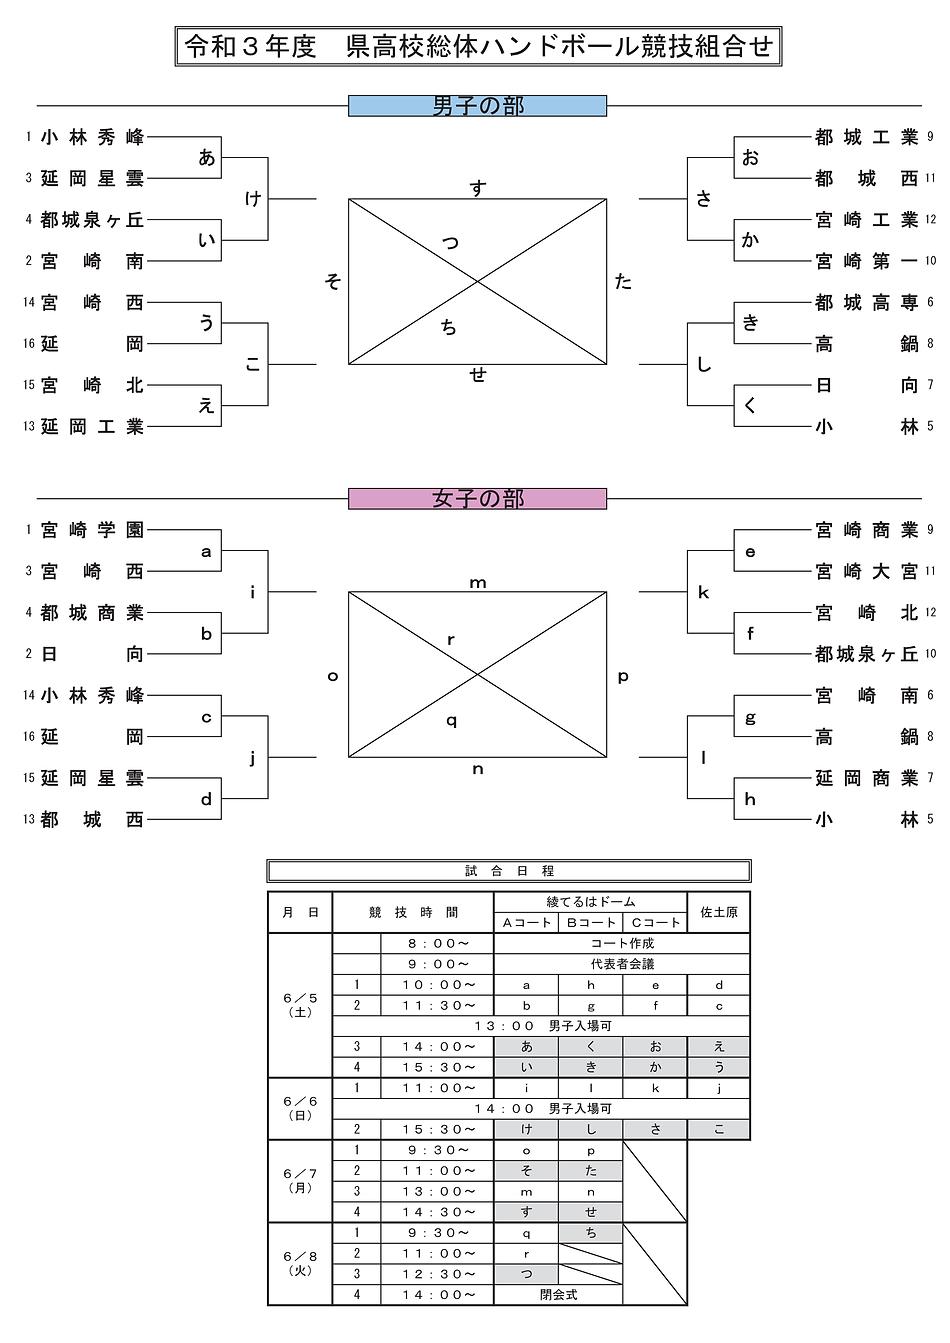 R03_総体組合せとタイムテーブル変更後.png